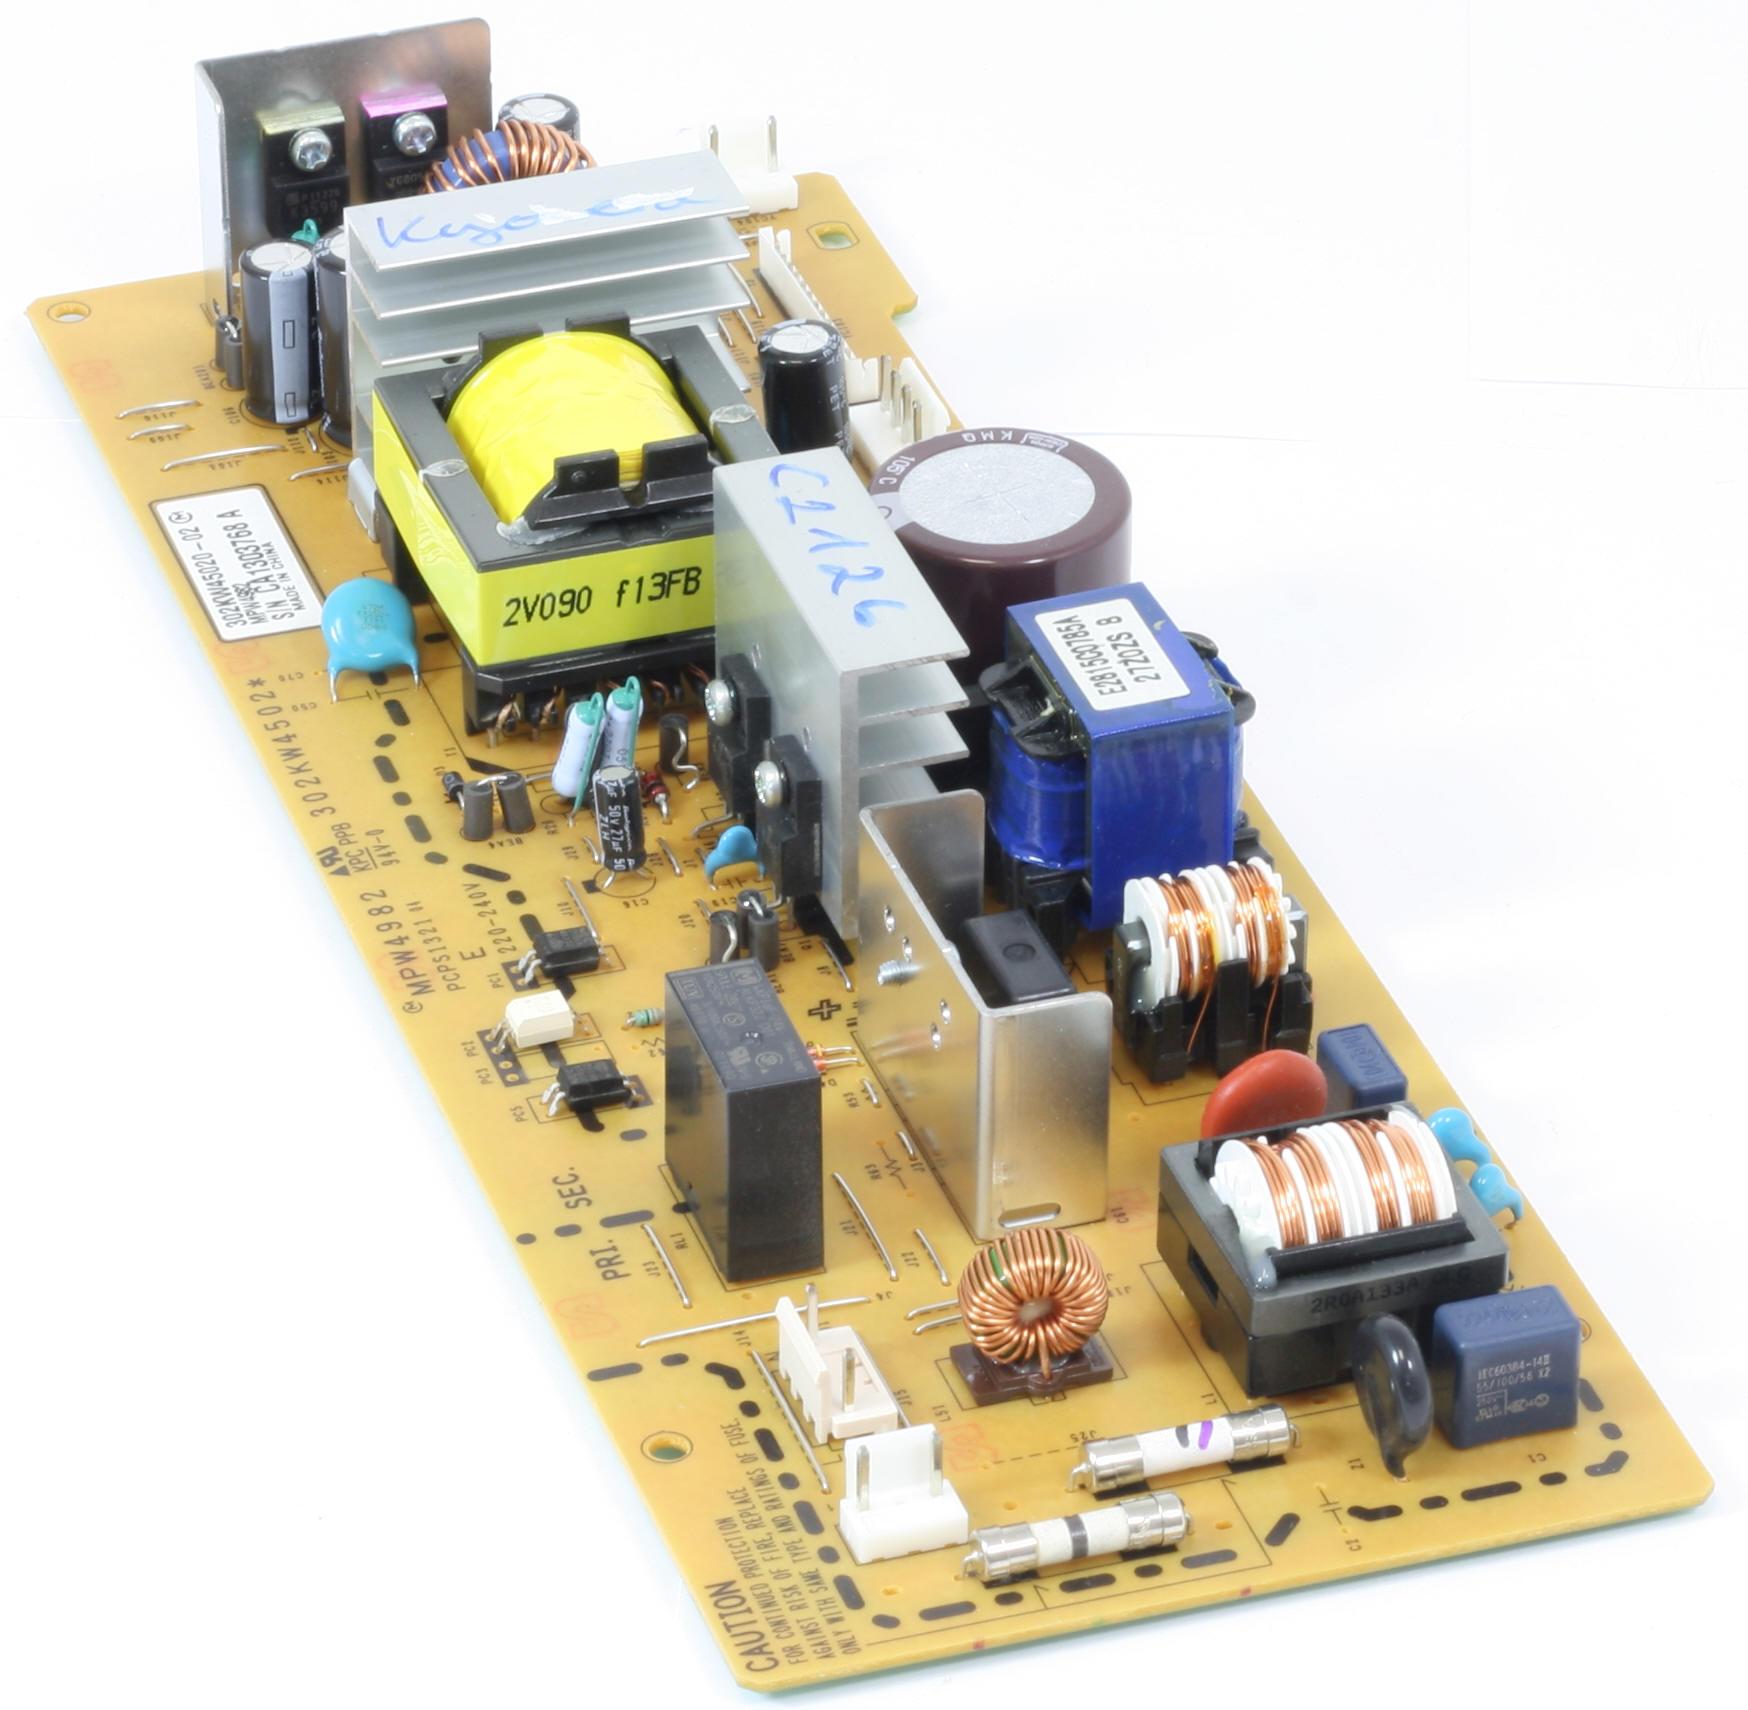 Kyocera Netzteil 302LV4502 POWER SUPPLY 302LV94070 für FS-4100 N FS-4200 DN gebraucht